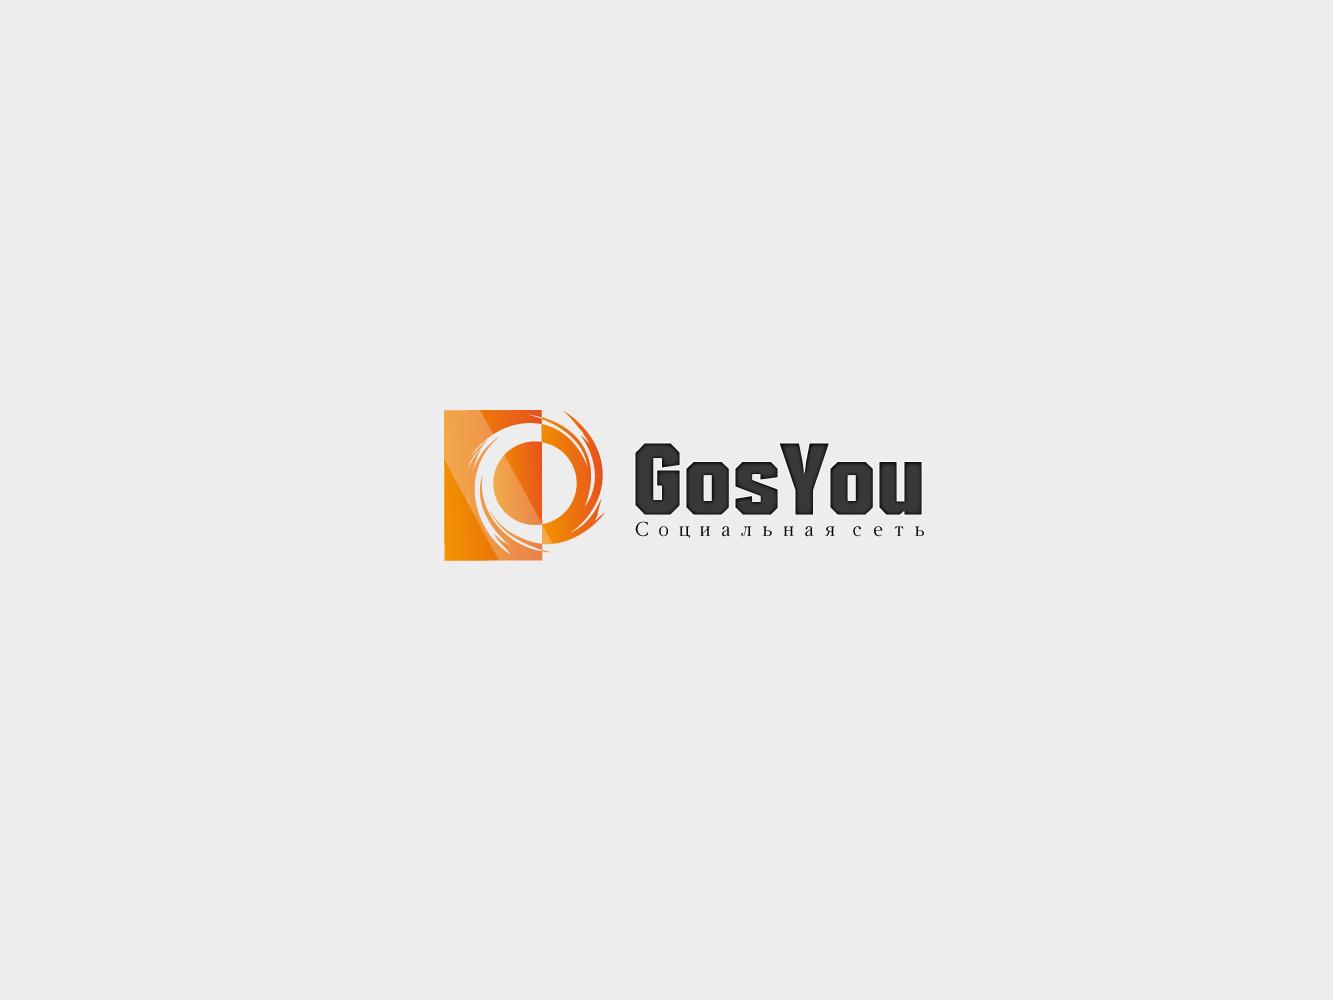 Логотип, фир. стиль и иконку для социальной сети GosYou фото f_507c1aeabadf4.png